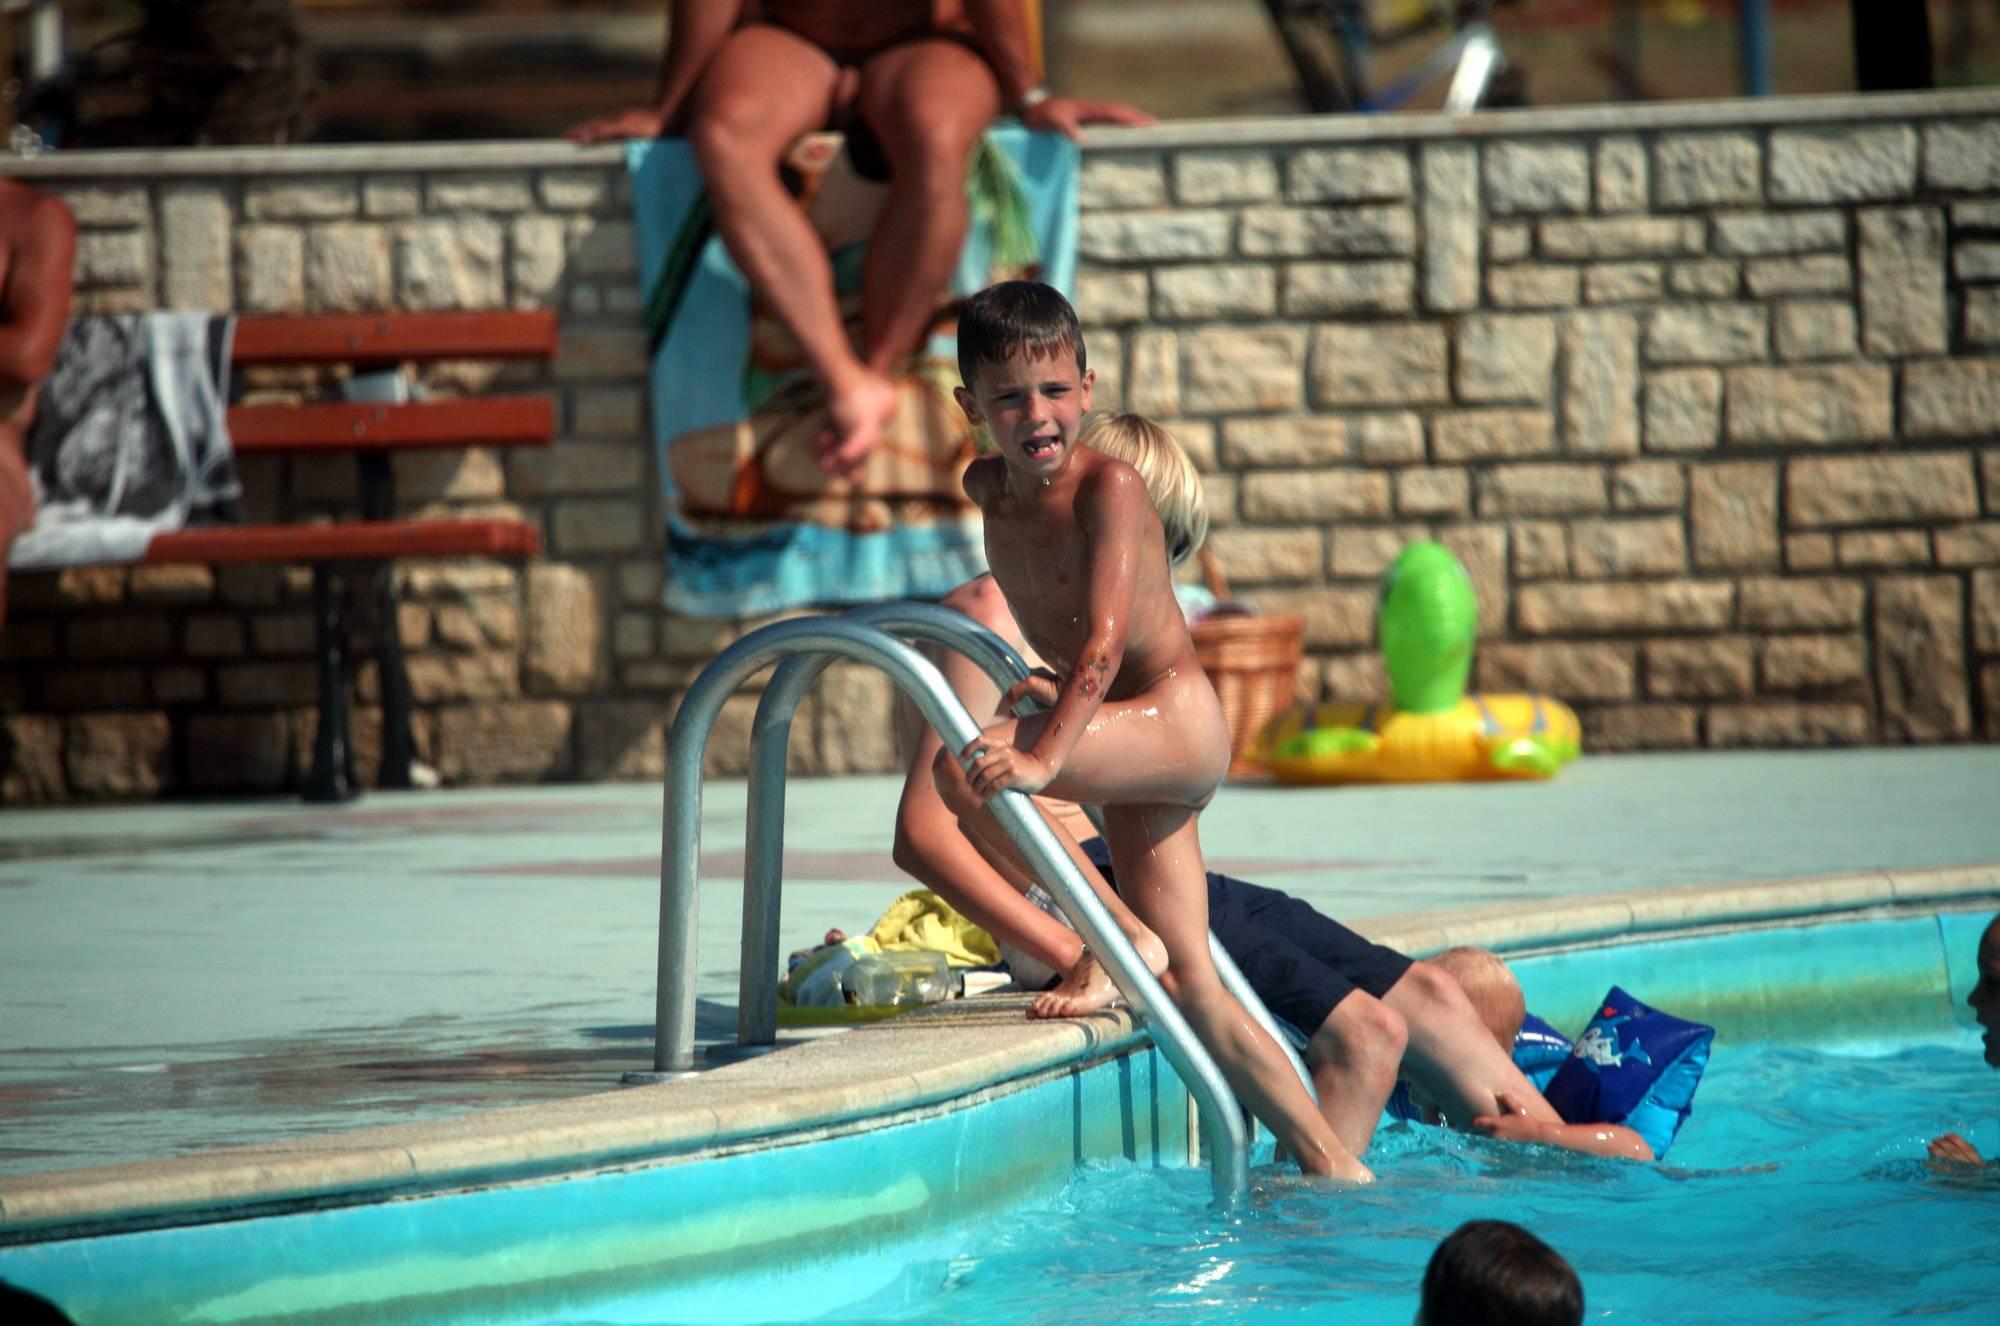 Nudist Pics Nudist Pool Jump Location - 2